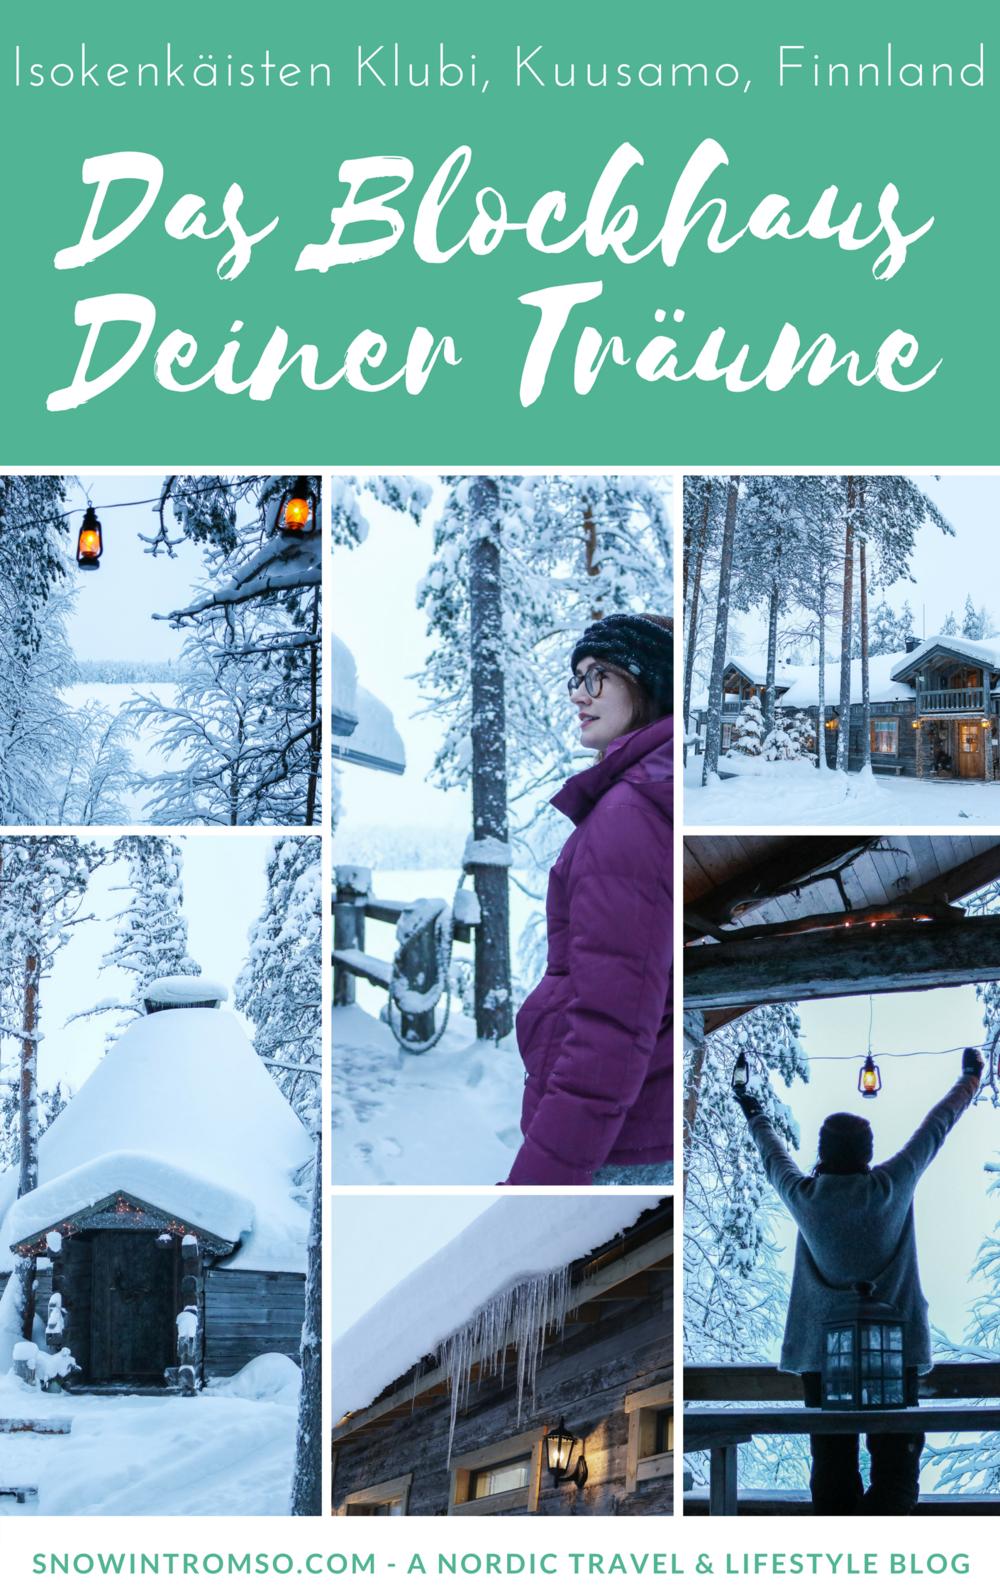 Warum es in Finnland unzählige Wörter für Schnee gibt - und wo Du die Hütte Deiner Träume finden kannst. Klick zum Artikel, um mehr zu lesen!